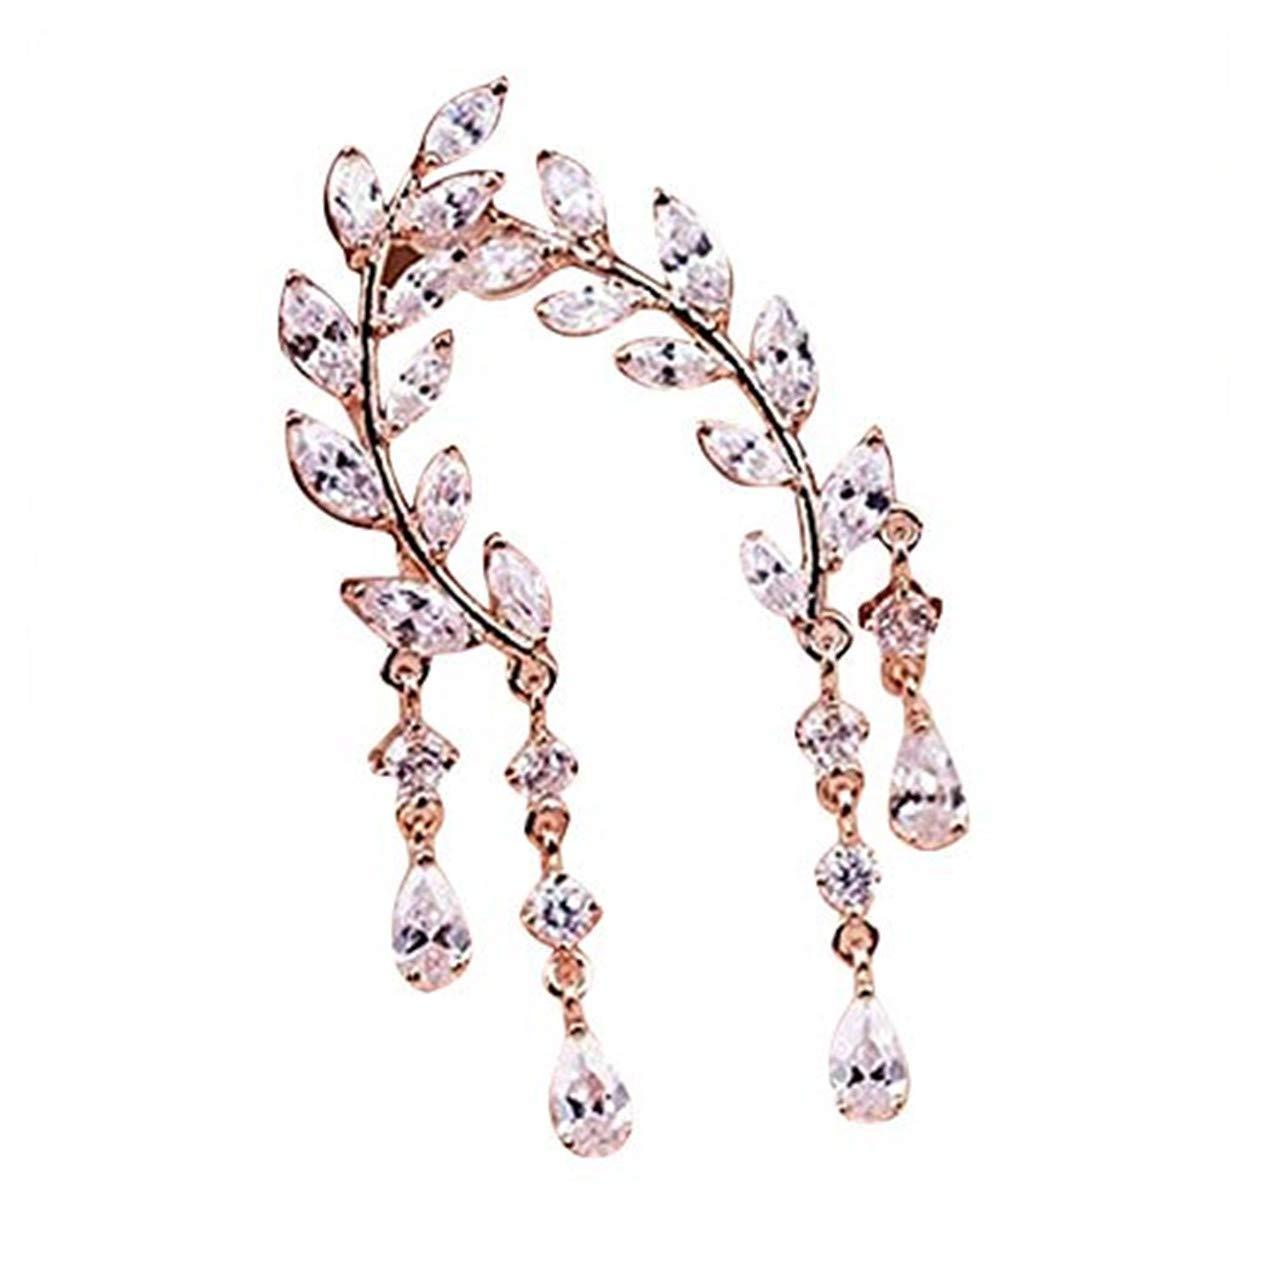 Bravetoshop Cuffs Hoop Earring for Women Fashion Crystal Rhinestone Leaves Tassel Ear Stud Earrings Jewelry Set Girls Gifts